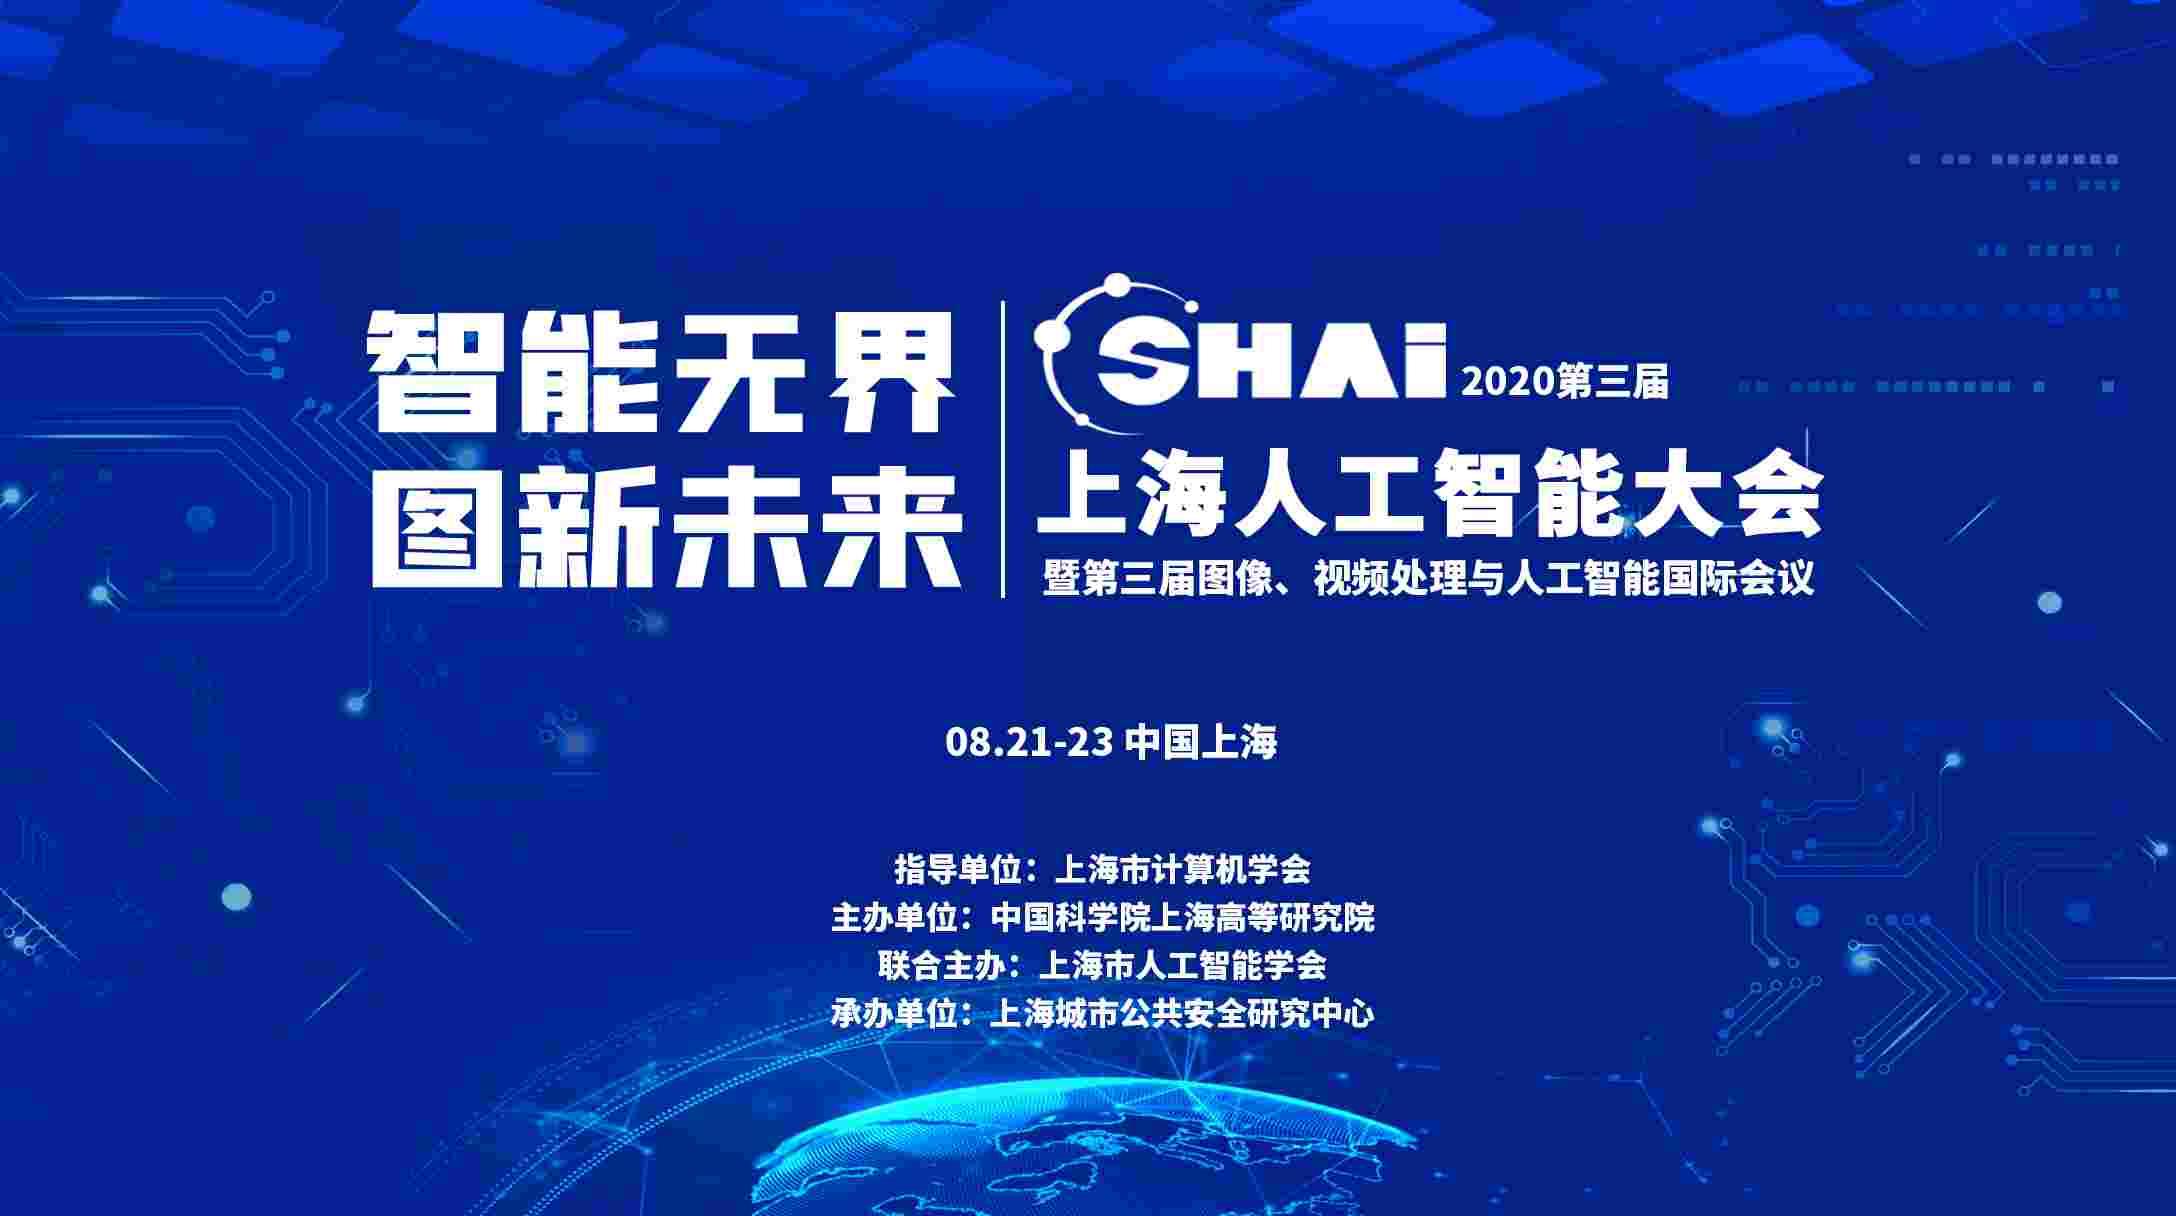 2020第三届上海人工智能大会召开